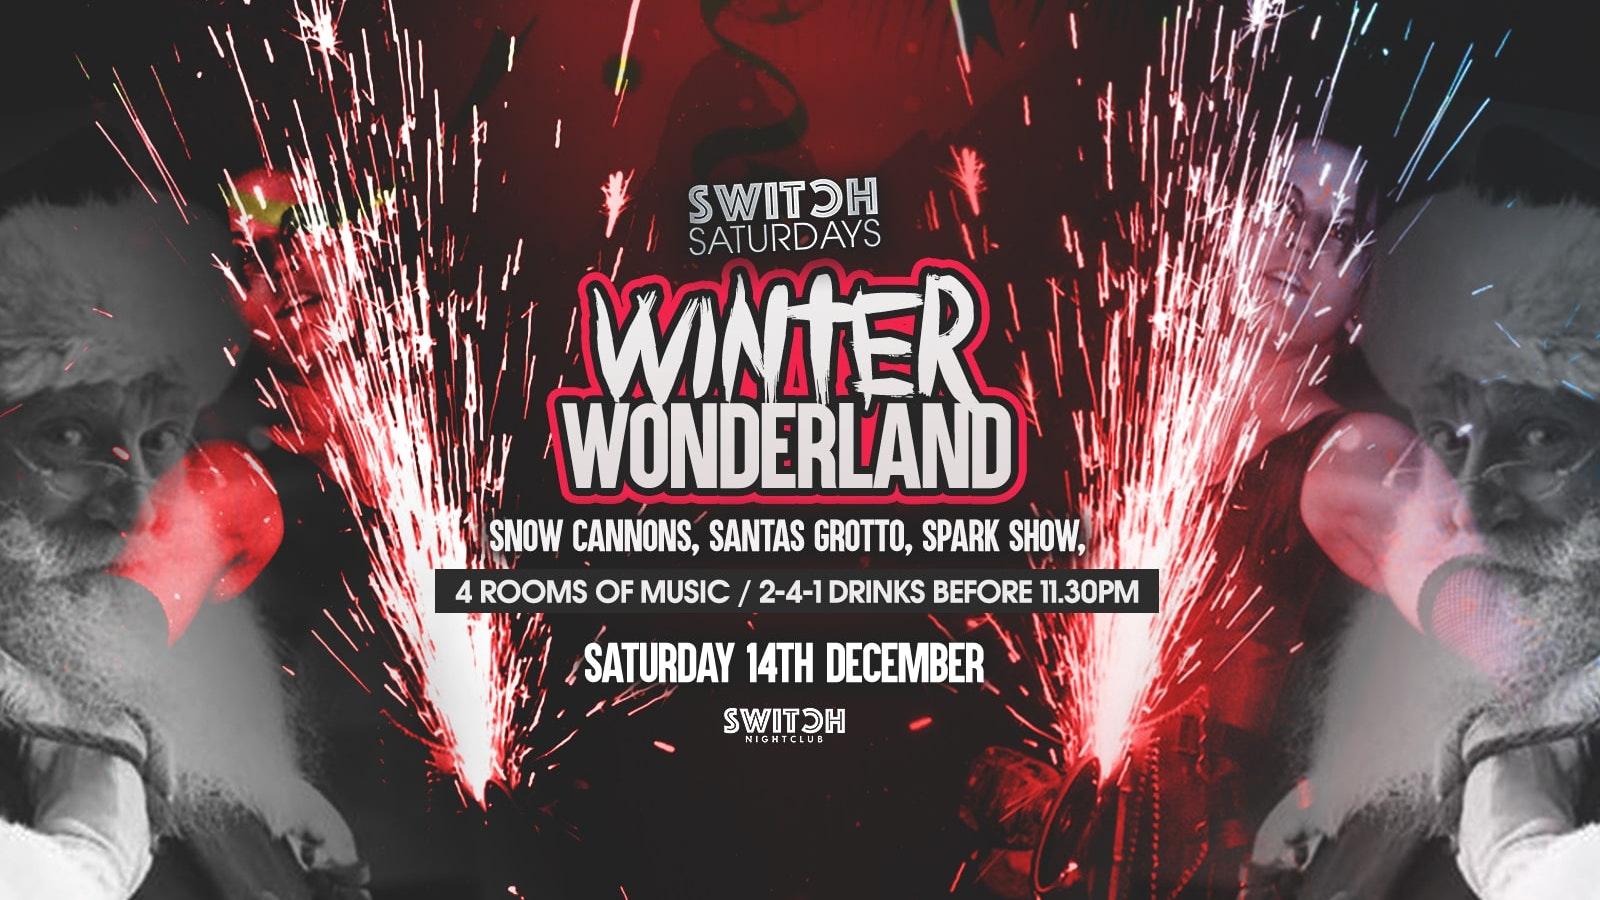 Switch Saturday Presents Winter Wonderland